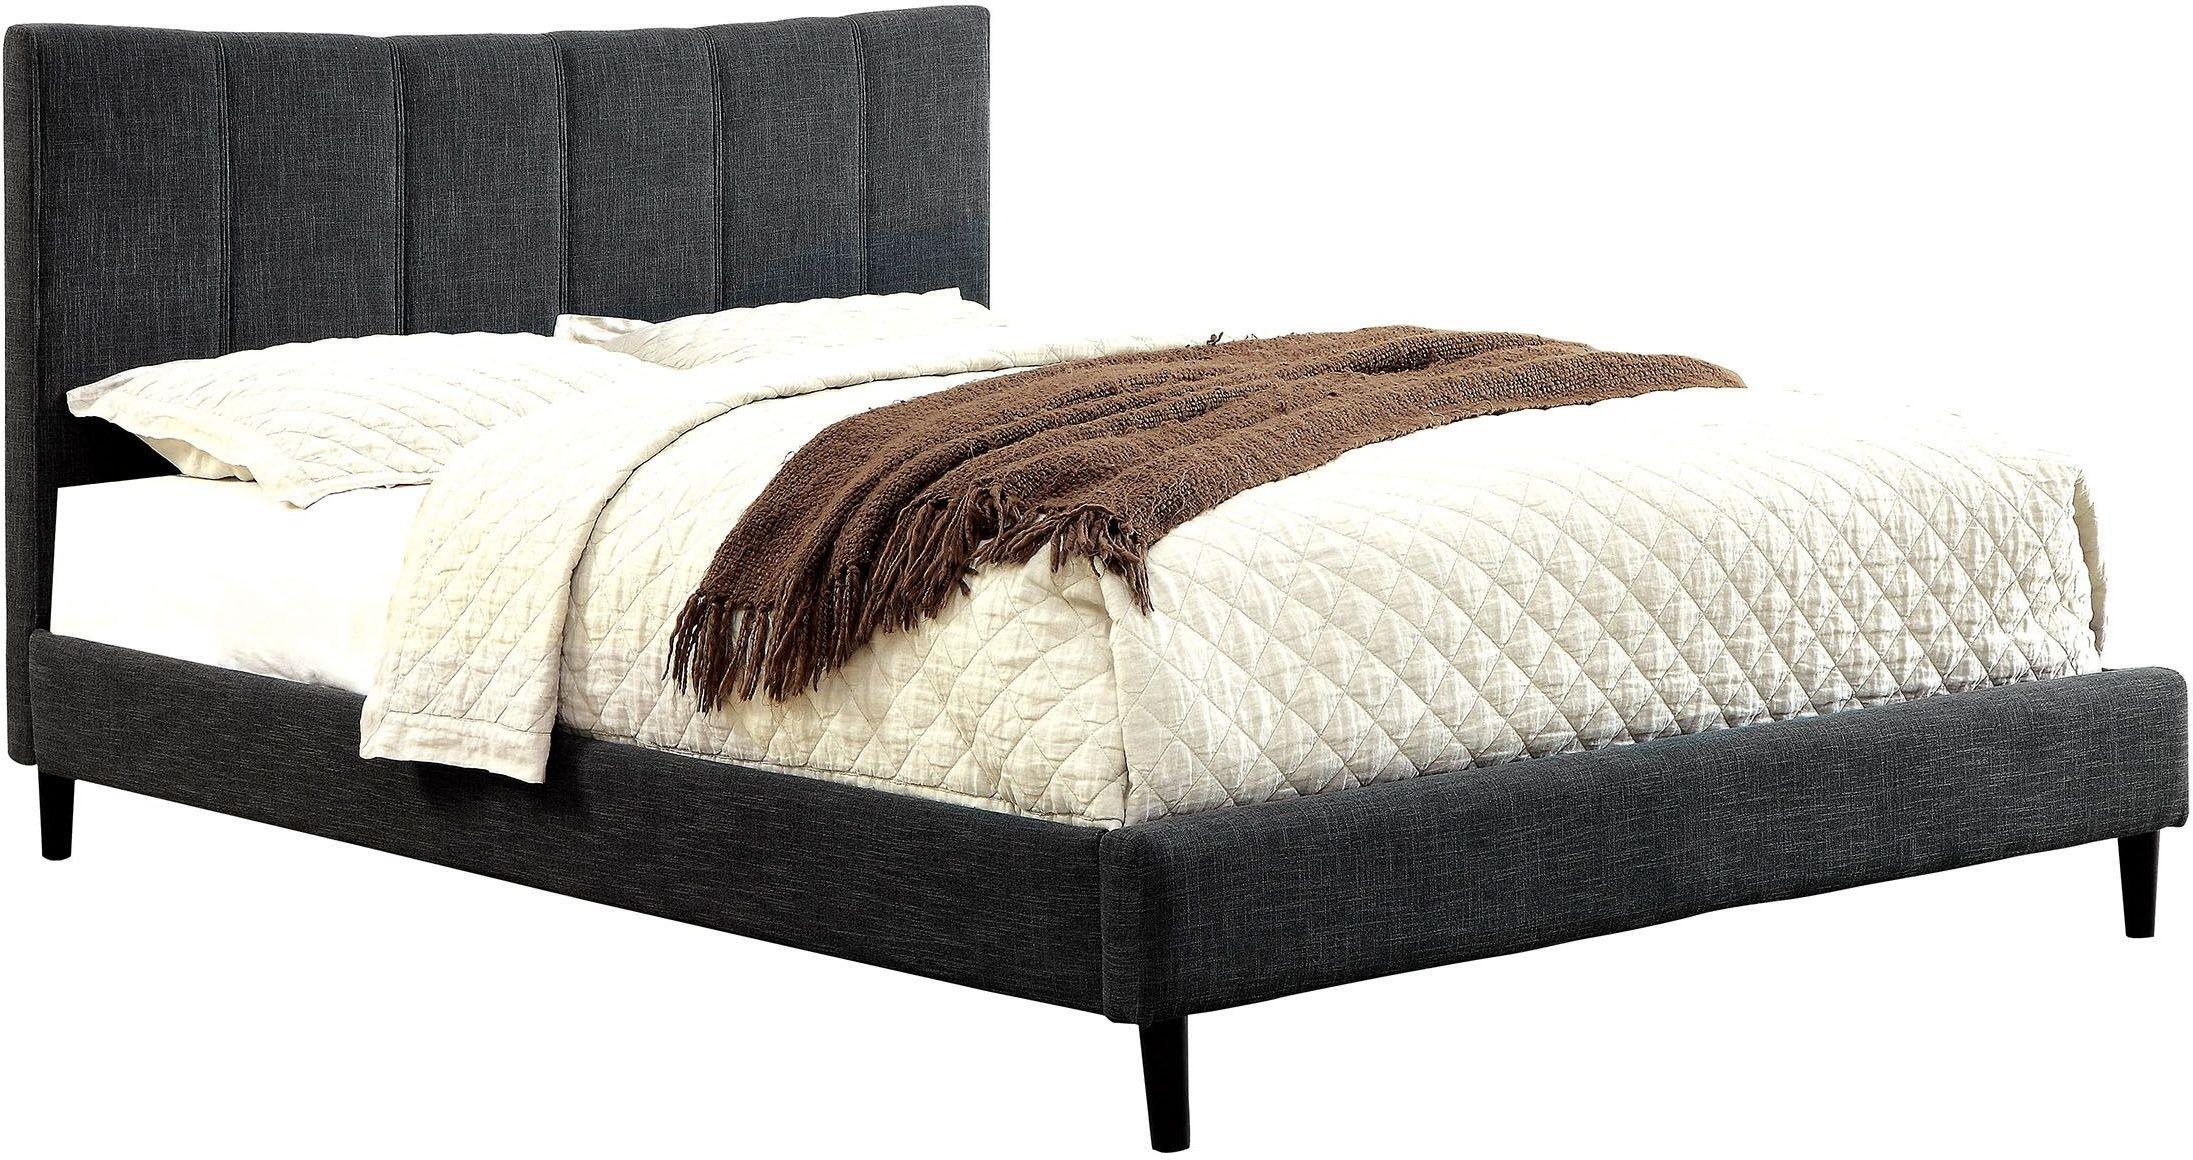 Ennis Dark Gray King Upholstered Panel Bed Cm Gy Ek